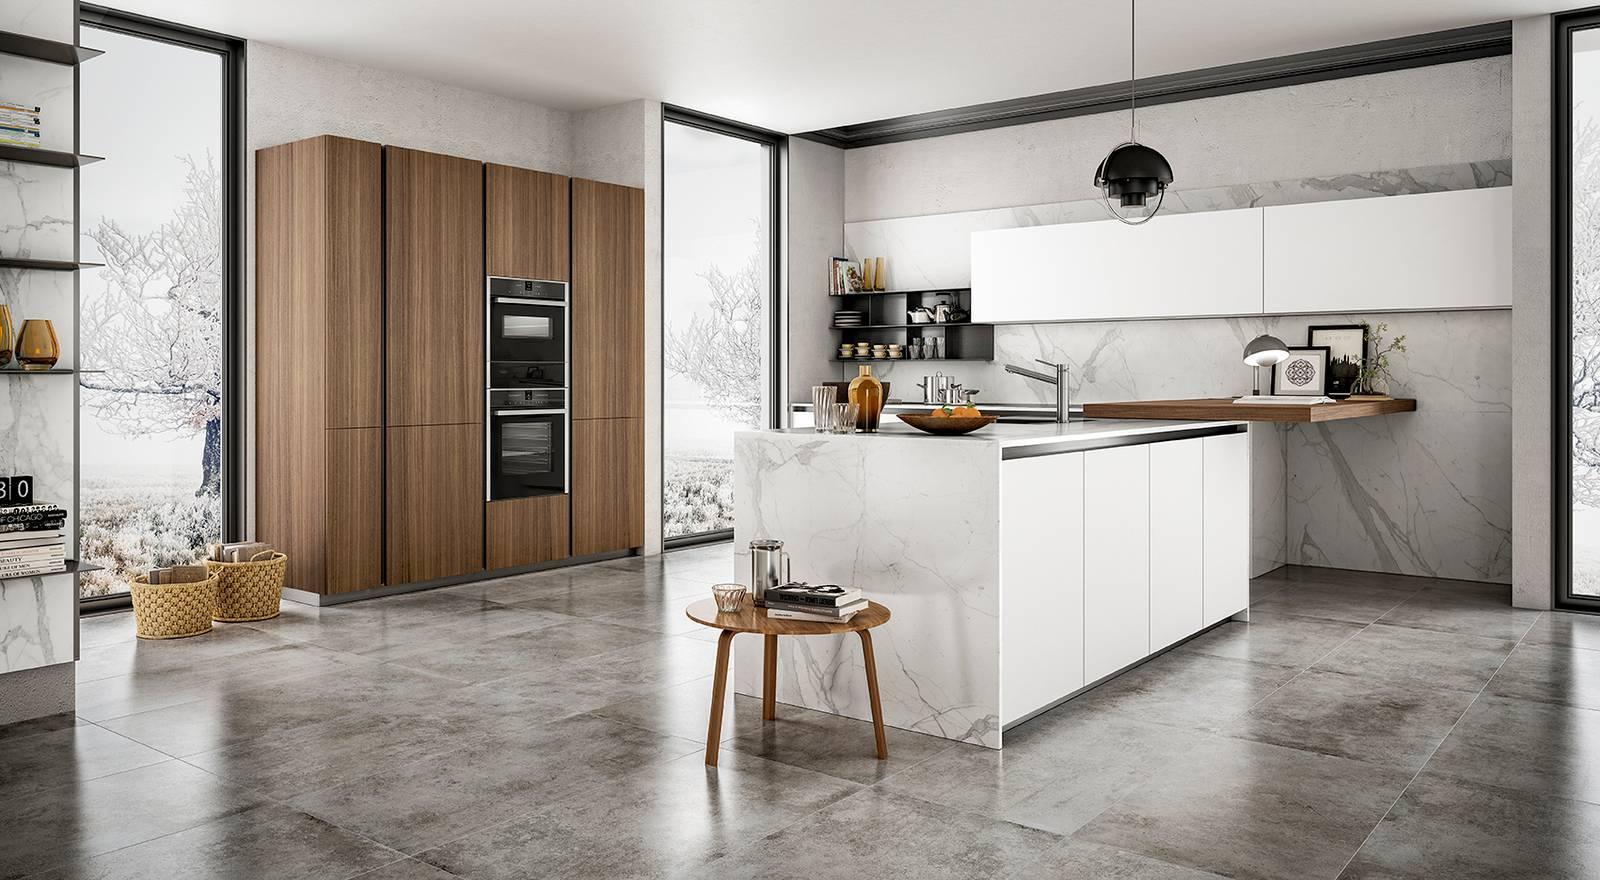 Armadi cucina: 12 composizioni delle migliori marche - Cose di Casa